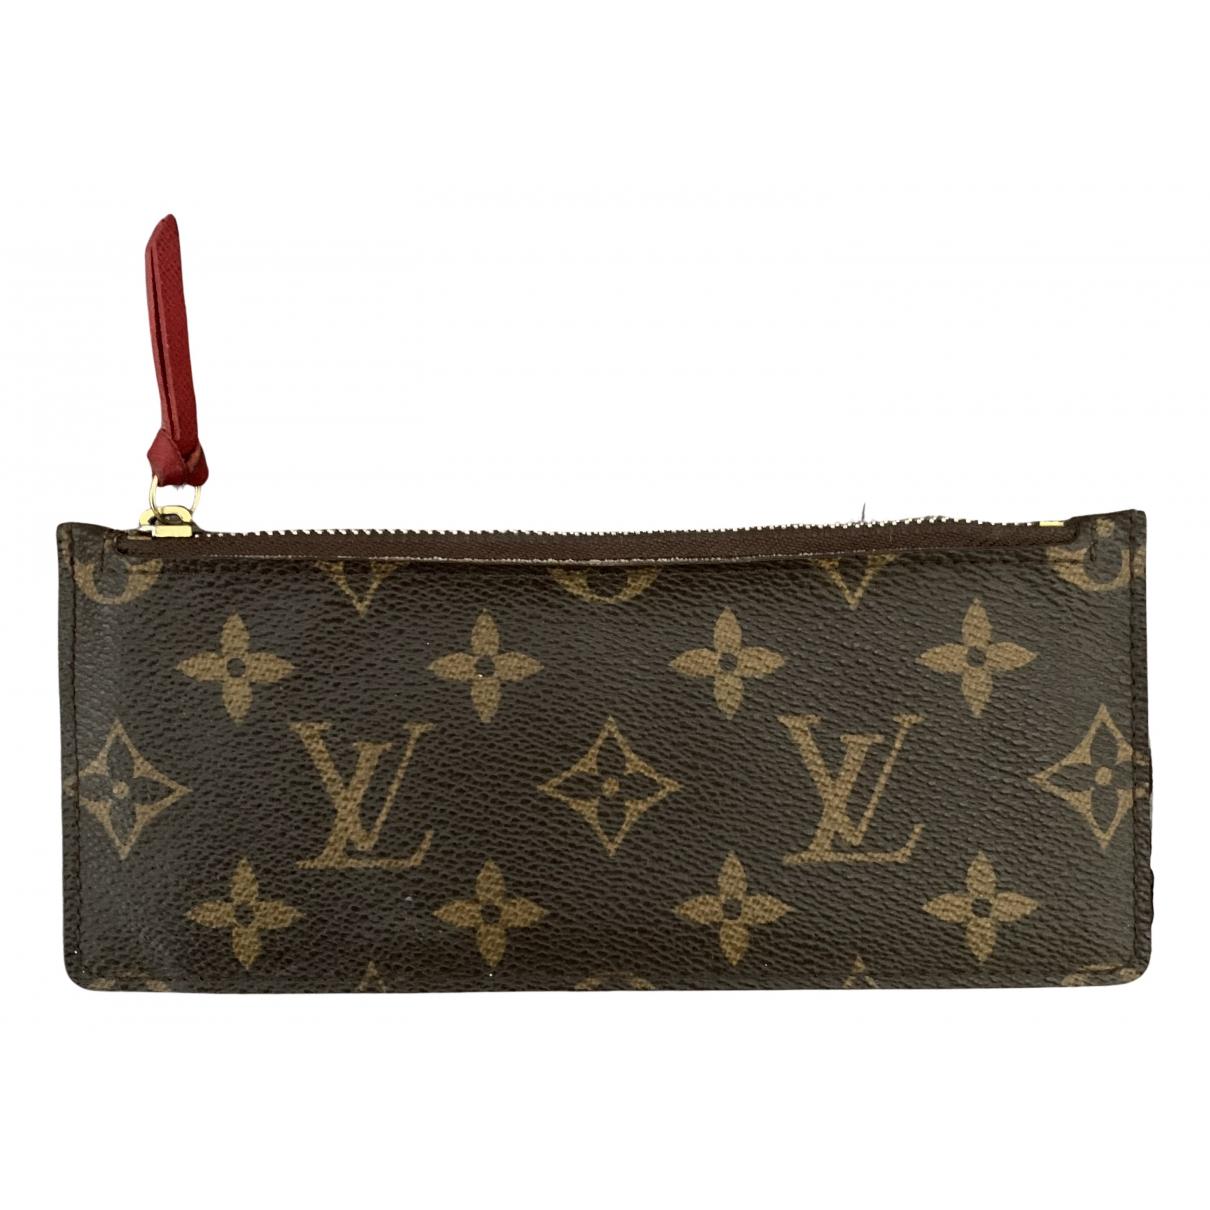 Louis Vuitton - Petite maroquinerie Adele pour femme en toile - marron